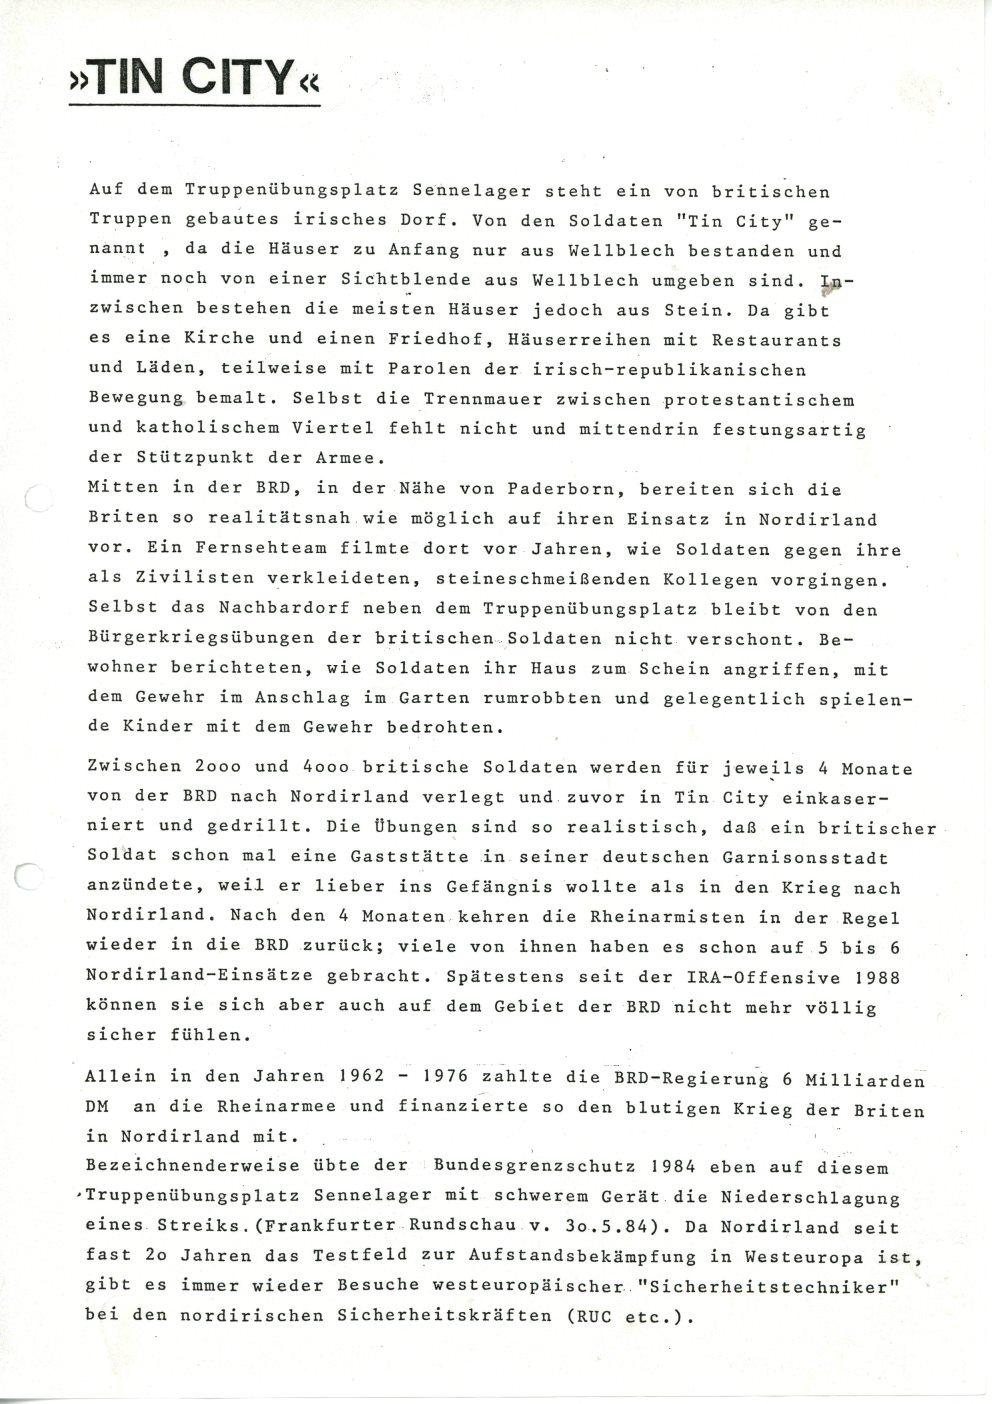 Freiburg_Nordirland_Reader_1988_38